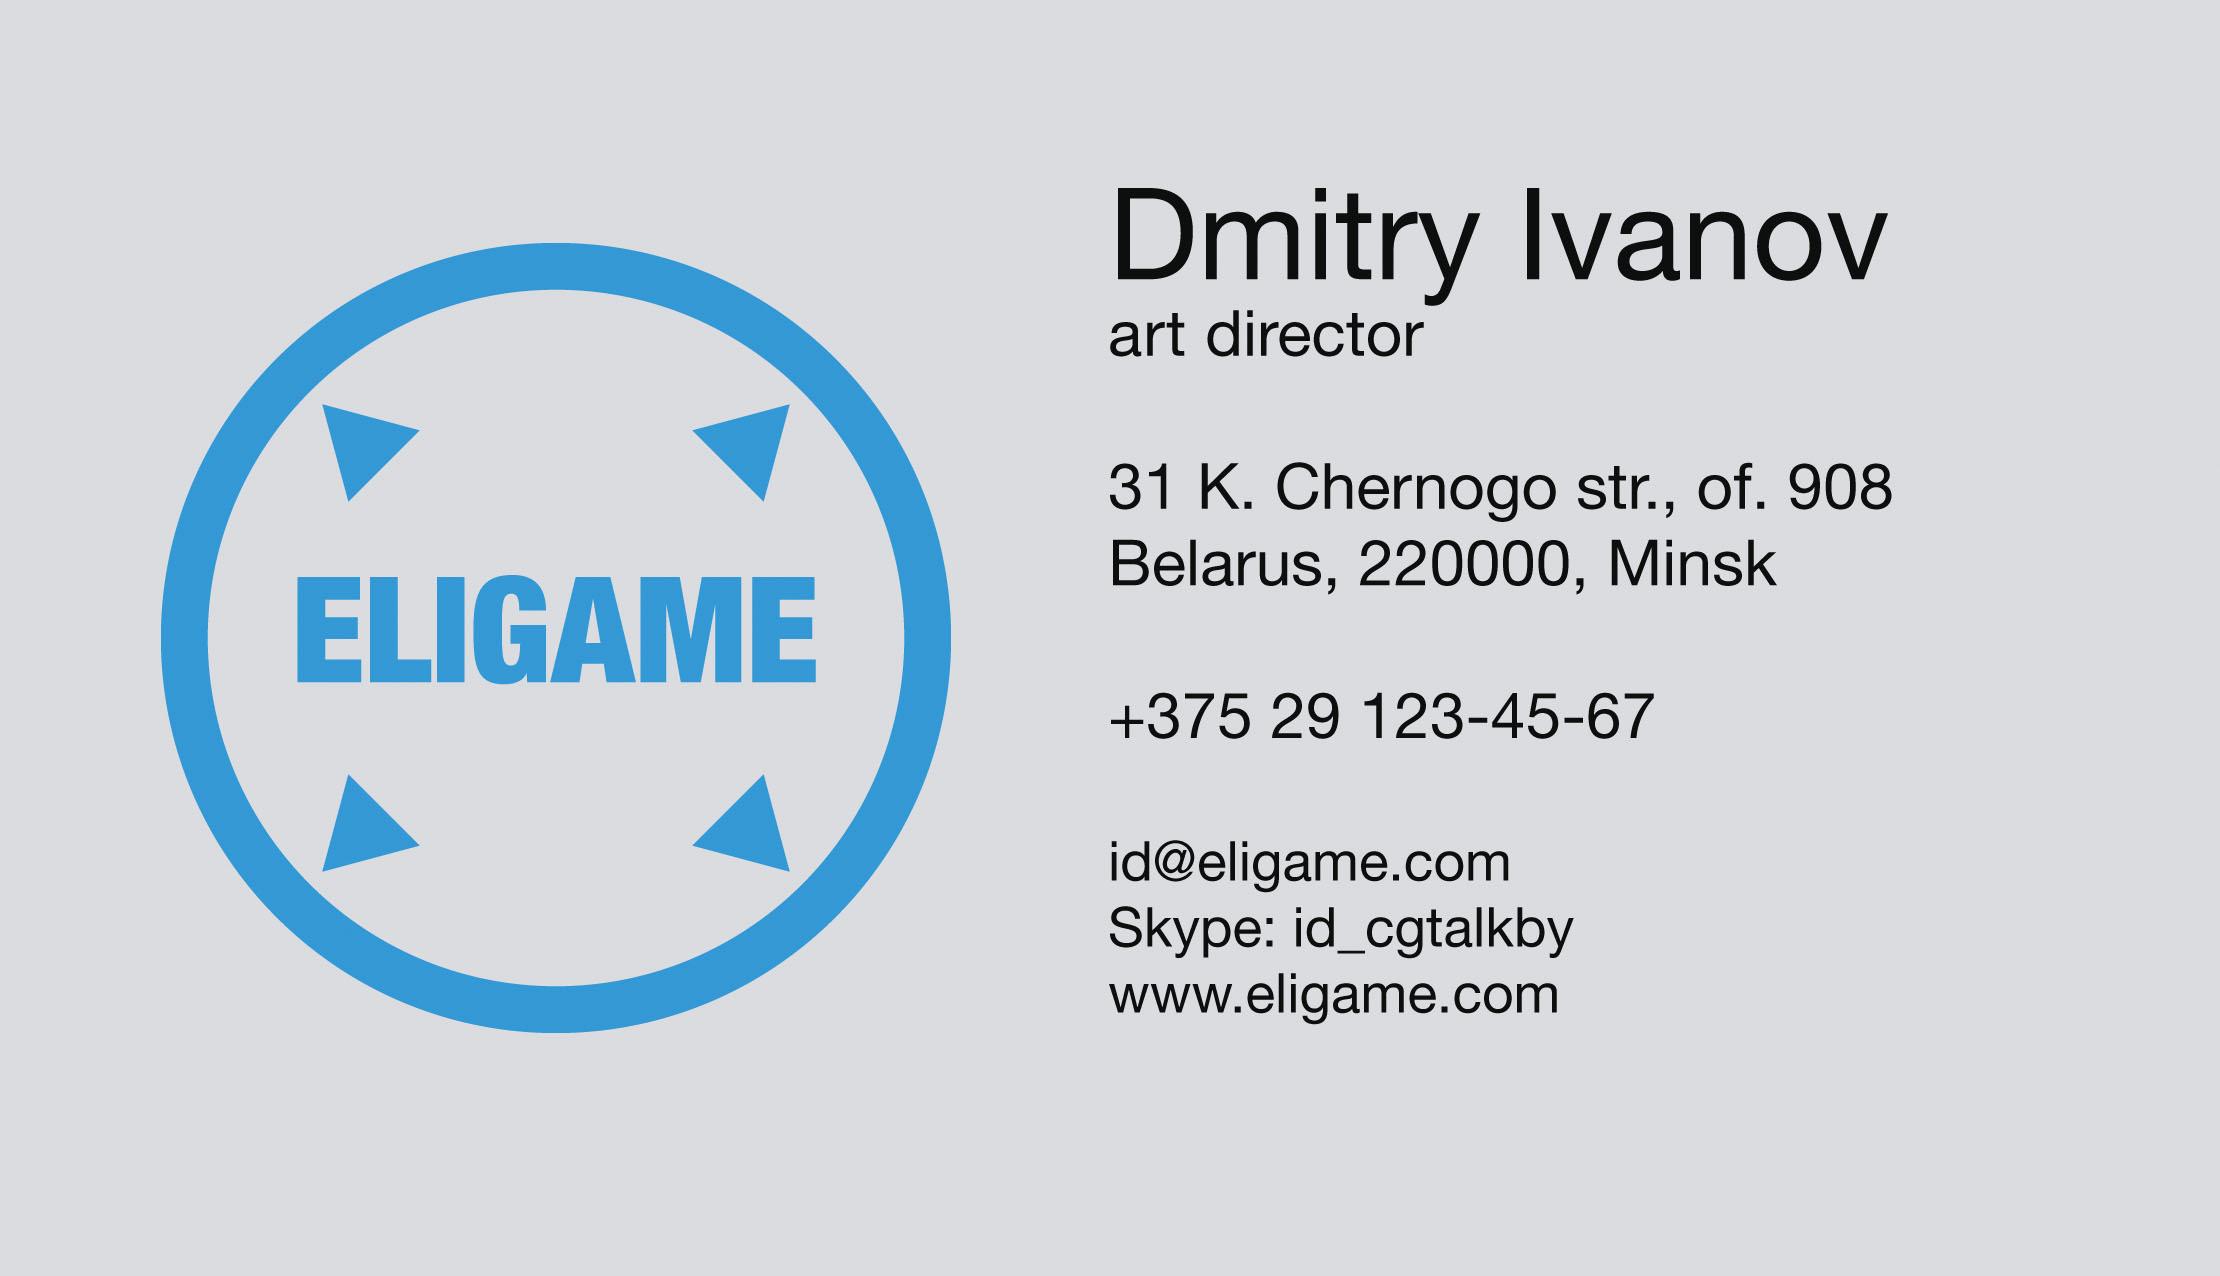 ELIGAME_2010_92x52_v3